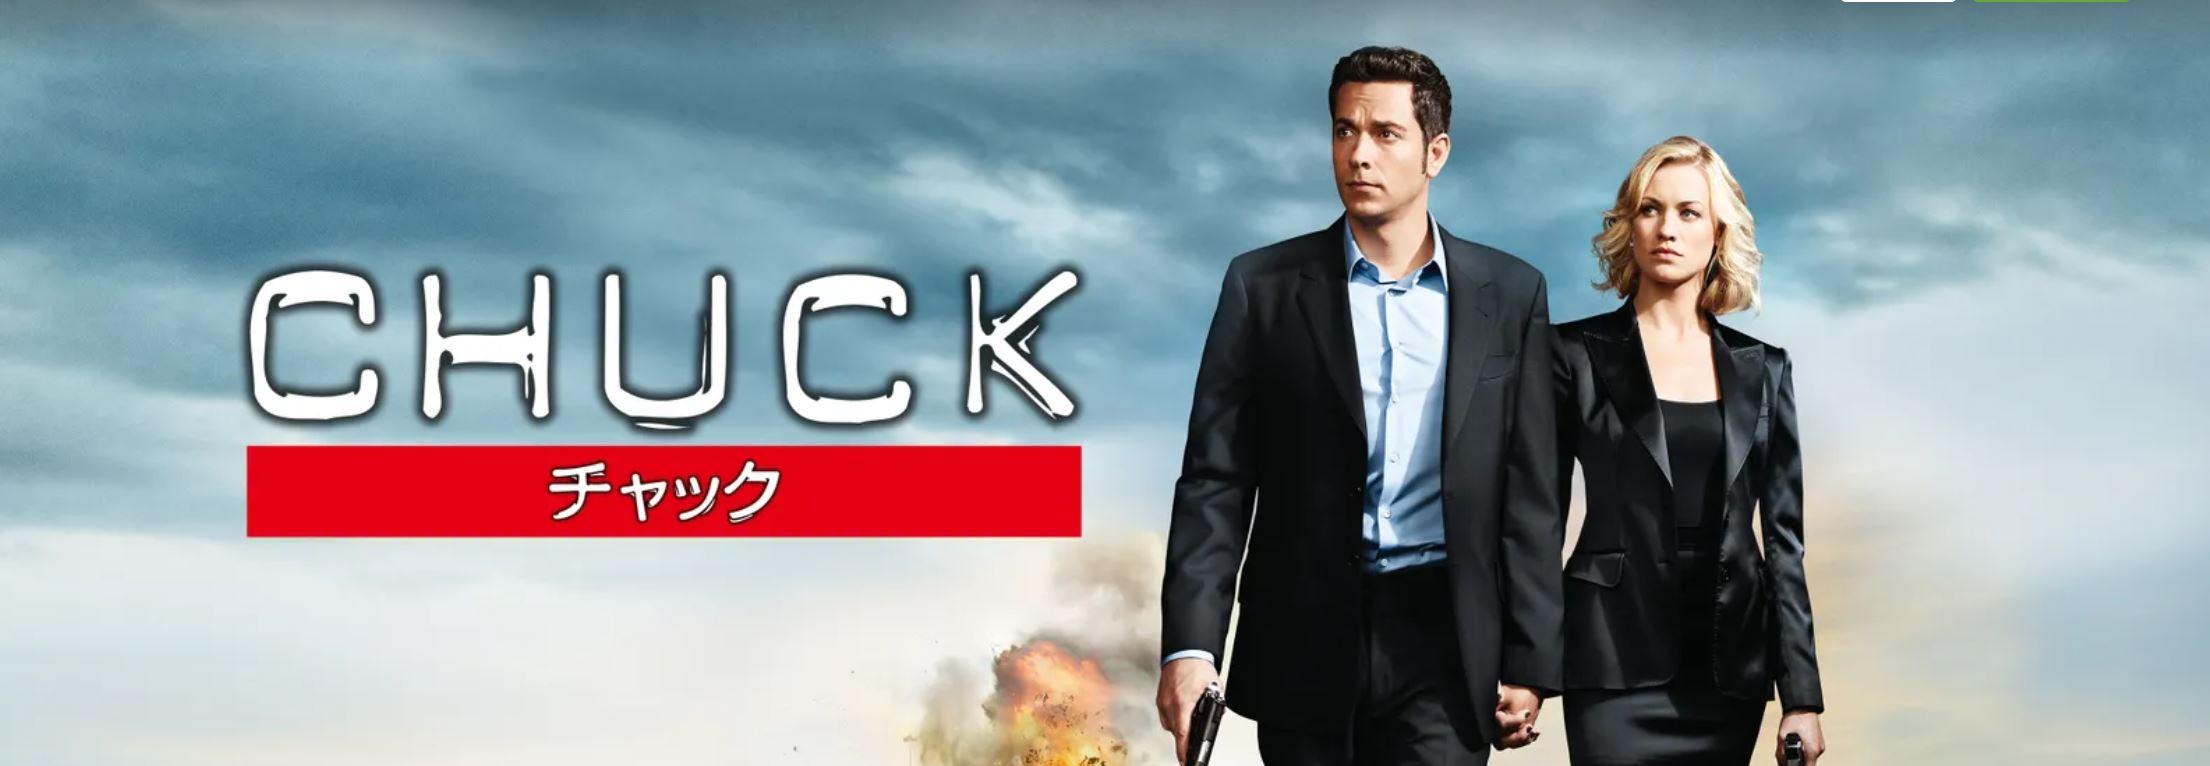 CHUCK/チャックがコメディ海外ドラマオススメランキング5位